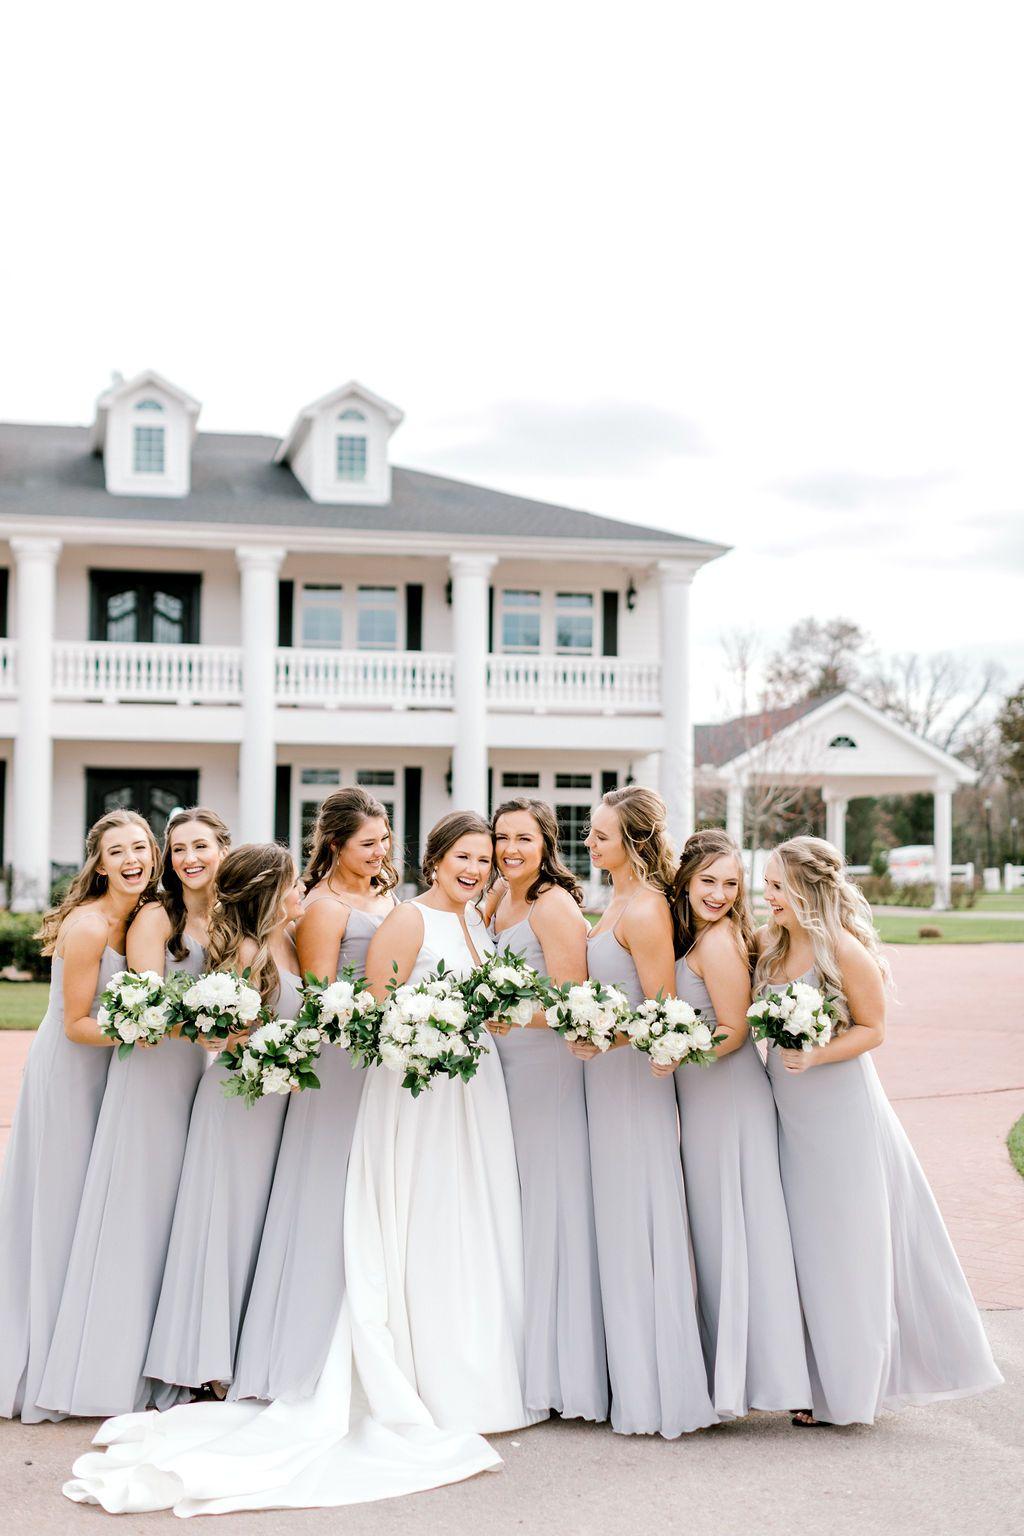 Bridesmaid Dresses Bridesmaid In Pastel Bridal Party Goal Bridesmaid In Light Grey Lig In 2020 Elegant Wedding Venues Dallas Wedding Venues Pastel Bridal Party